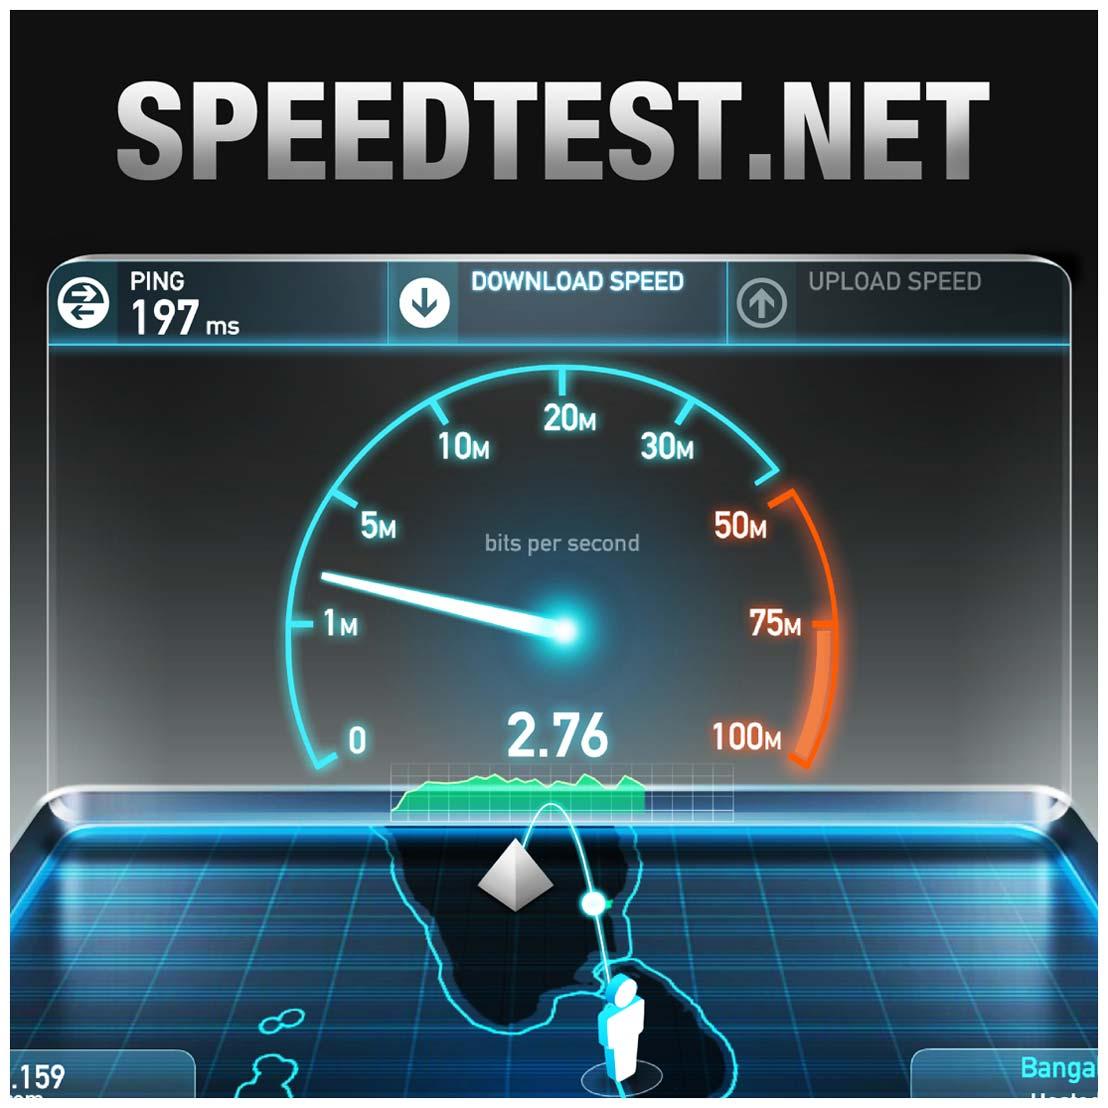 проверка скорости интернета картинки так большое